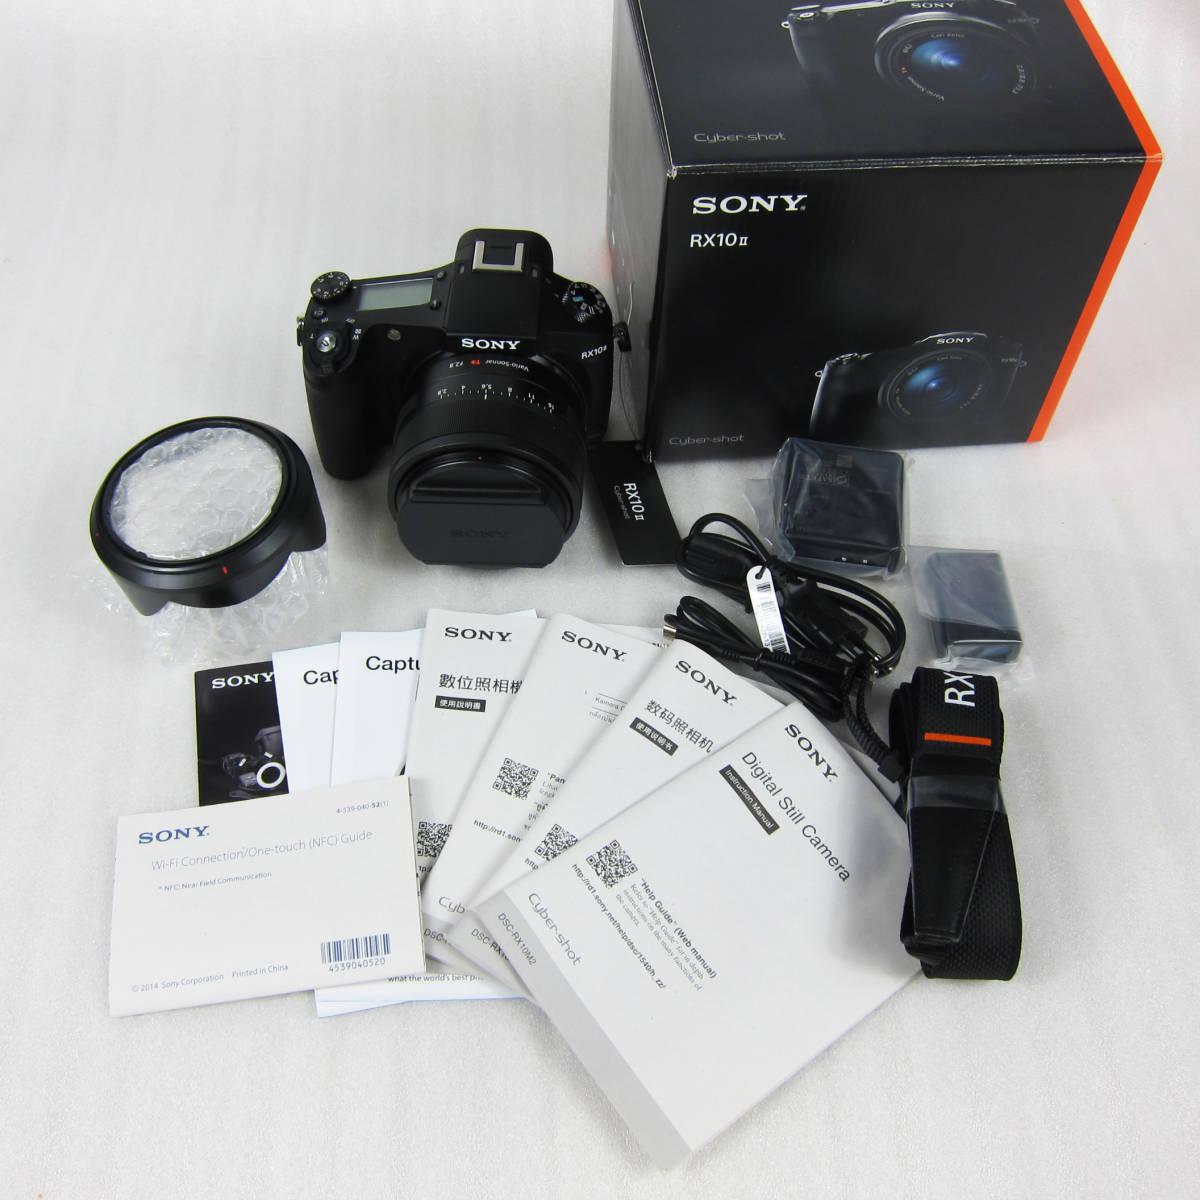 M4109●SONY ソニー デジタルスチルカメラ【海外仕様】Cyber-shot サイバーショット DSC-RX10M2 WiFi 4K 大口径ツァイス レンズ 未使用新品_1908O-56007